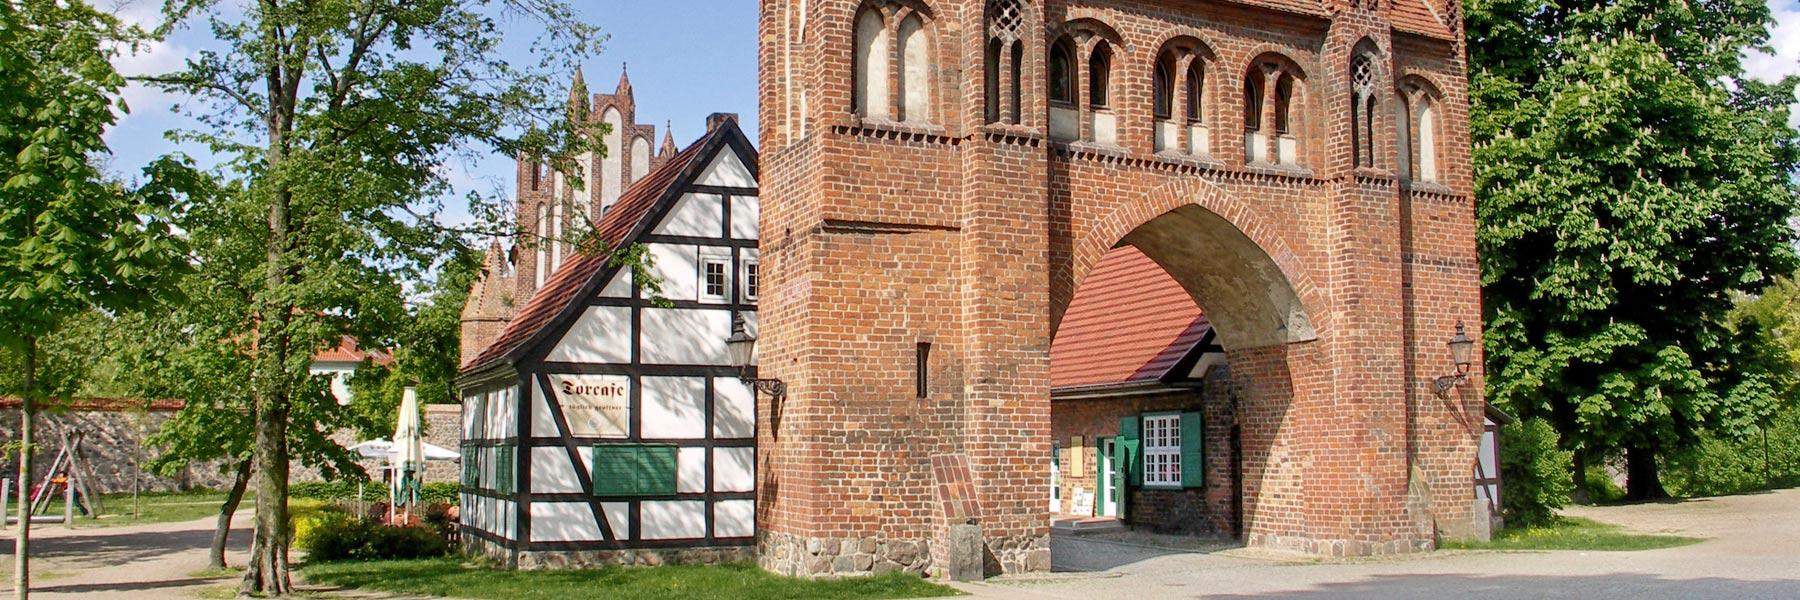 Friedländer Tor - Neubrandenburg